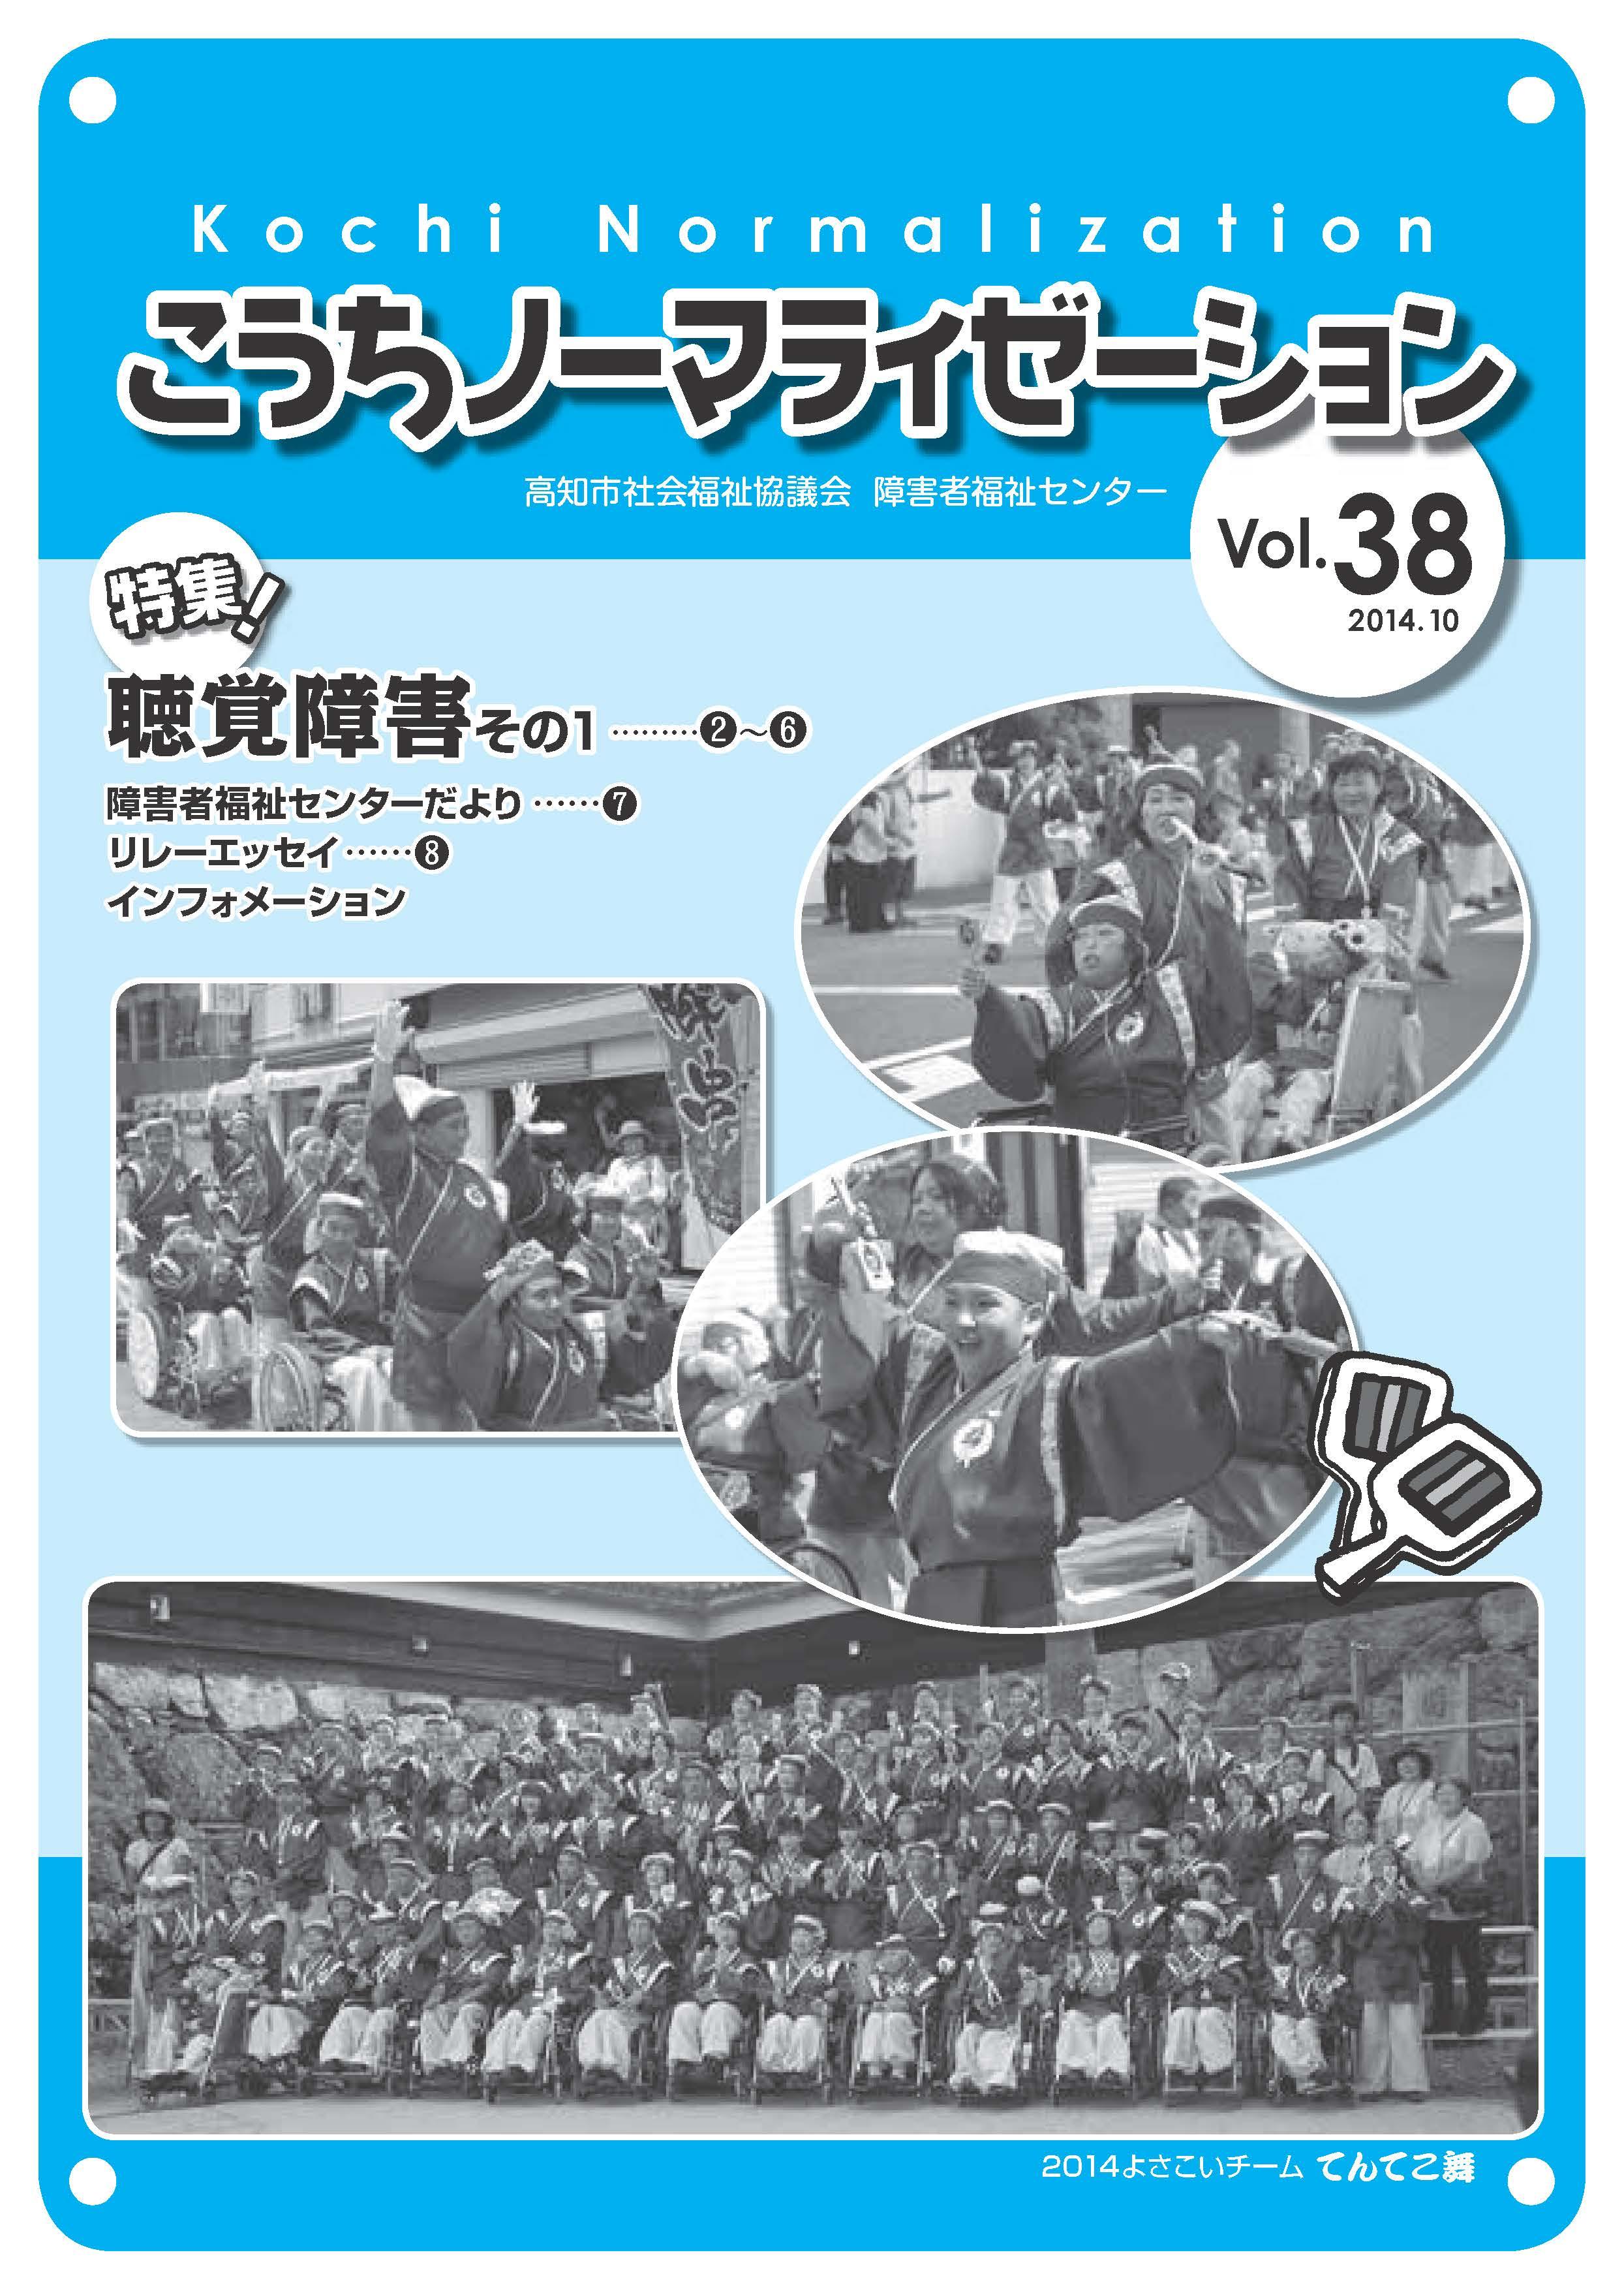 こうちノーマライゼーションVol.38